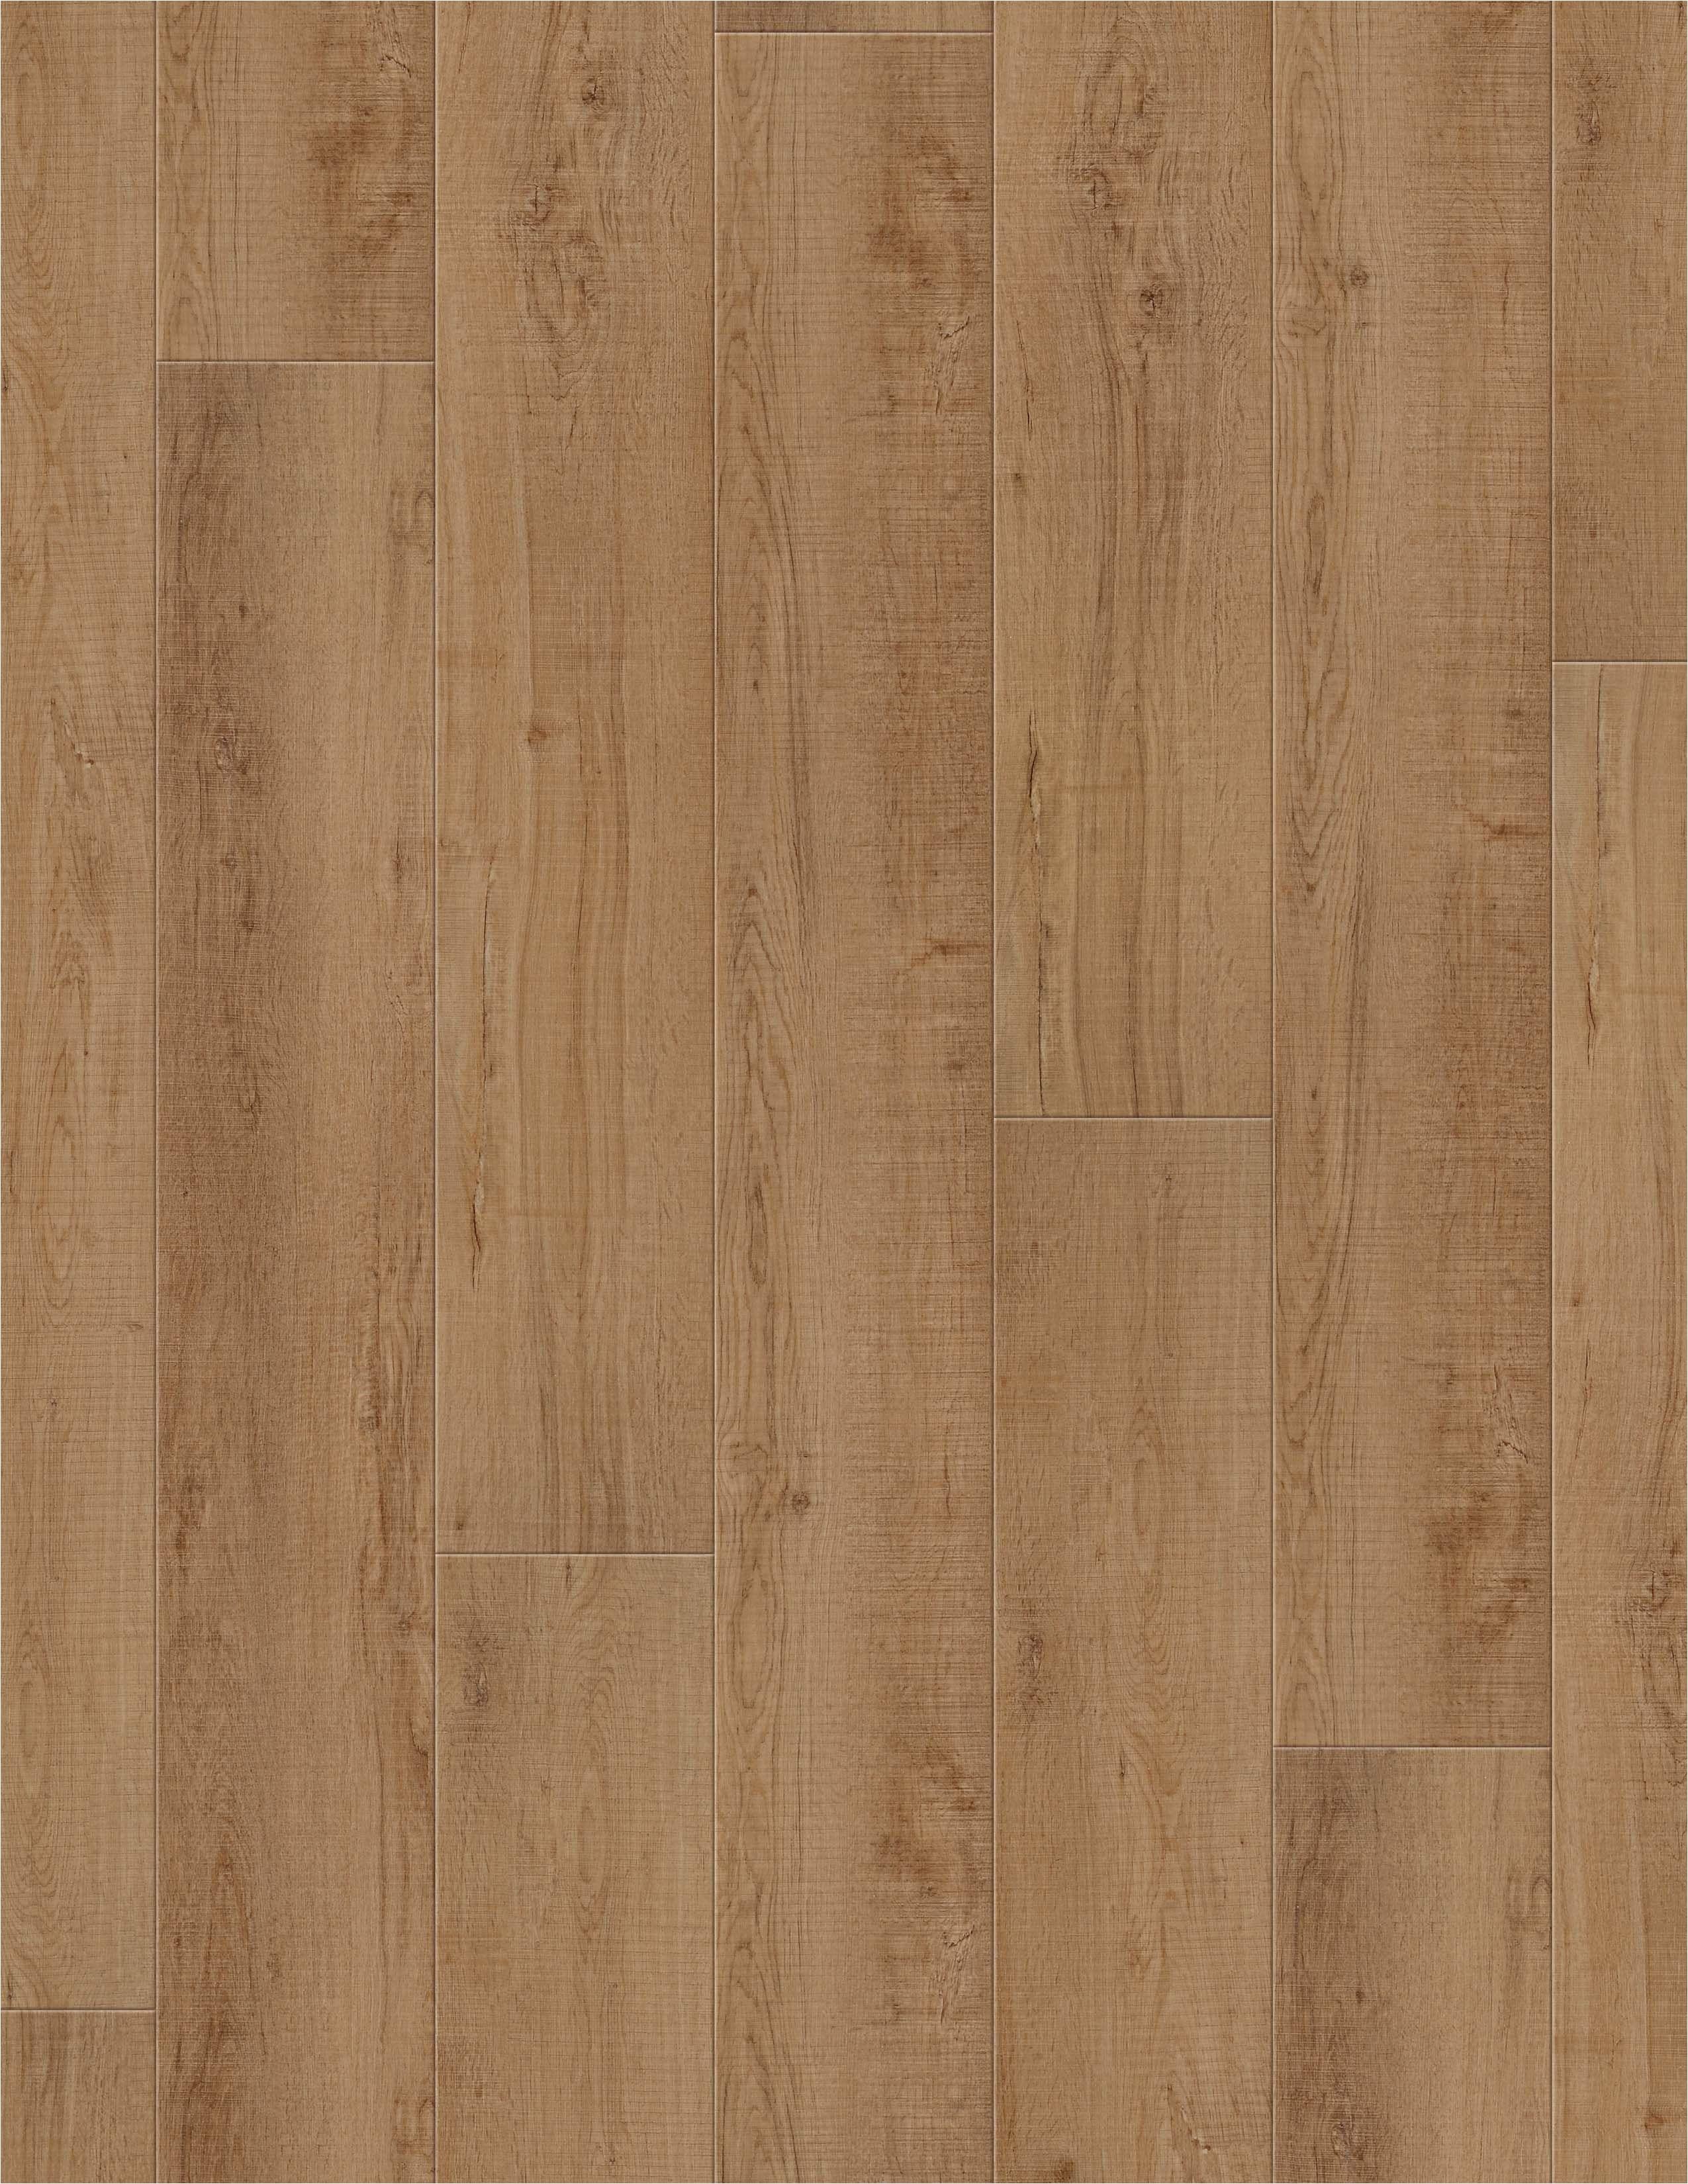 Is Sheet Vinyl Flooring Waterproof Waddington Oak Coretec Plus Xl Enhanced Pinterest Plank Diy